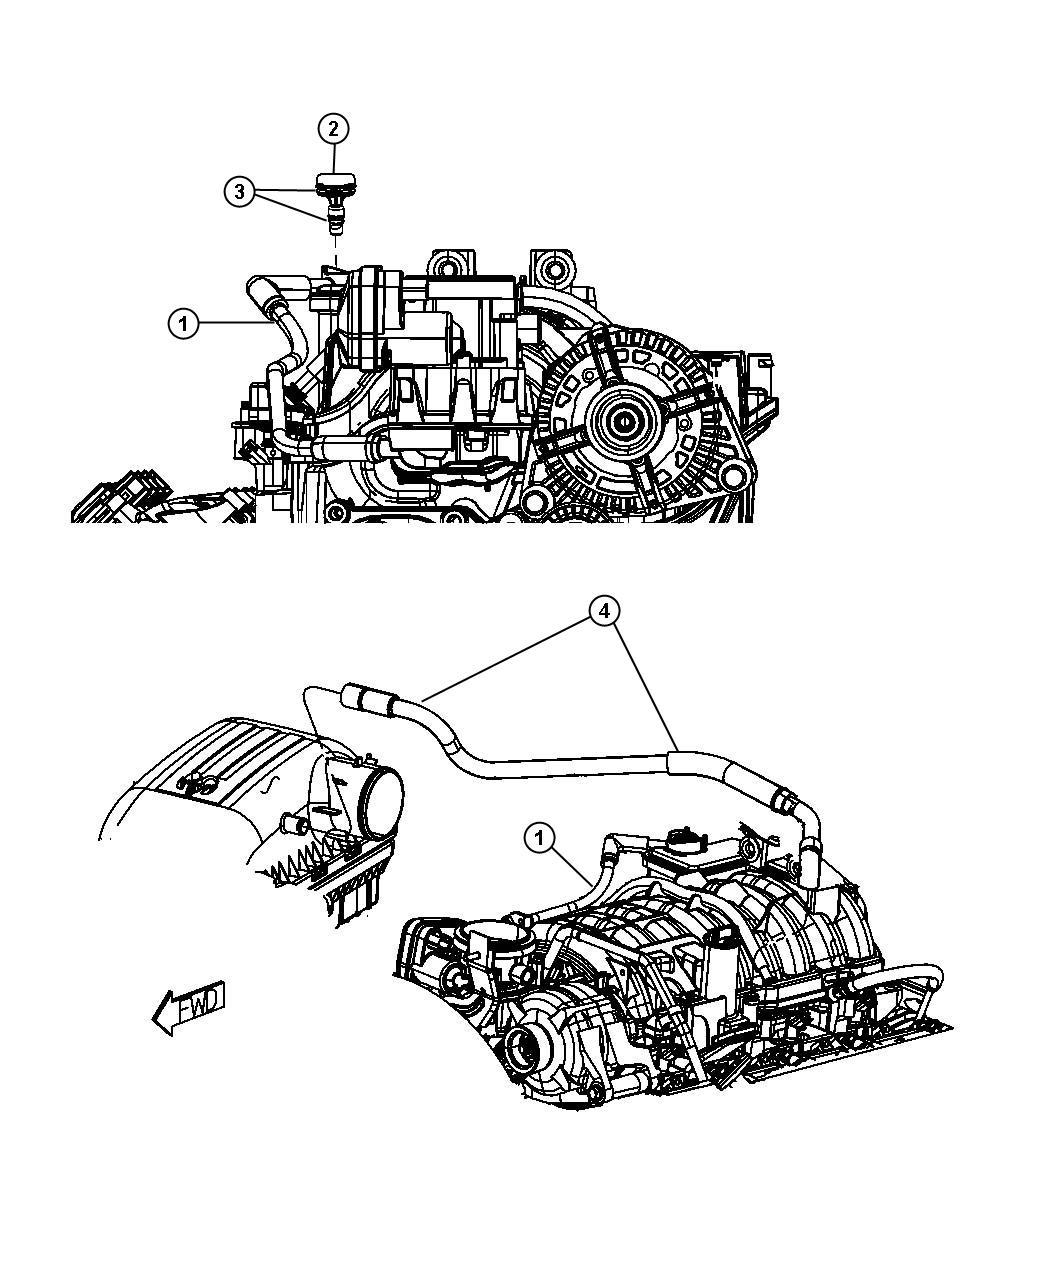 [DIAGRAM] Dodge Hemi 5 7 Engine Diagram